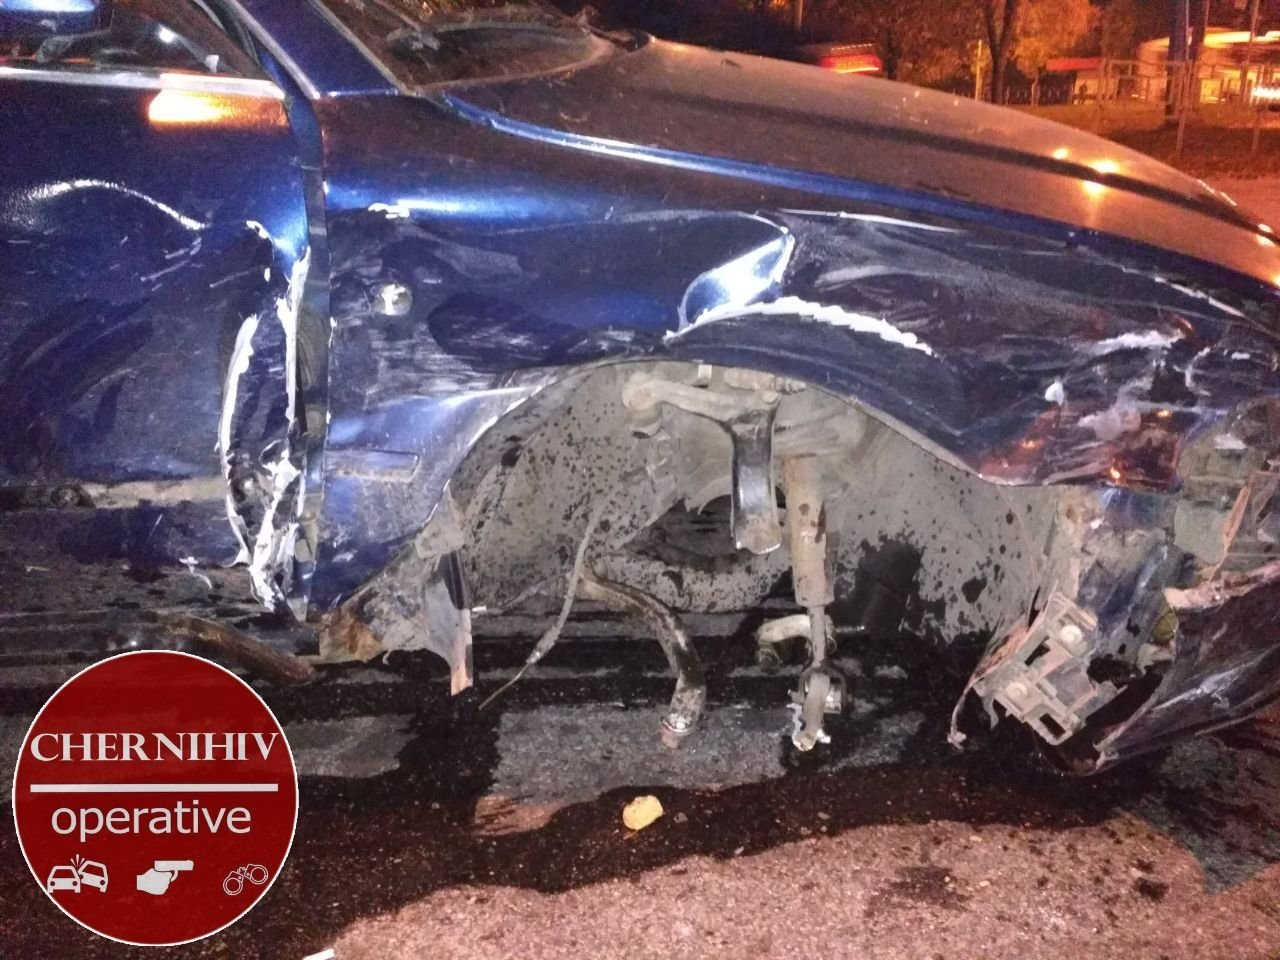 Сбегая от полиции потерял колесо: в Чернигове очередное ДТП, фото-7